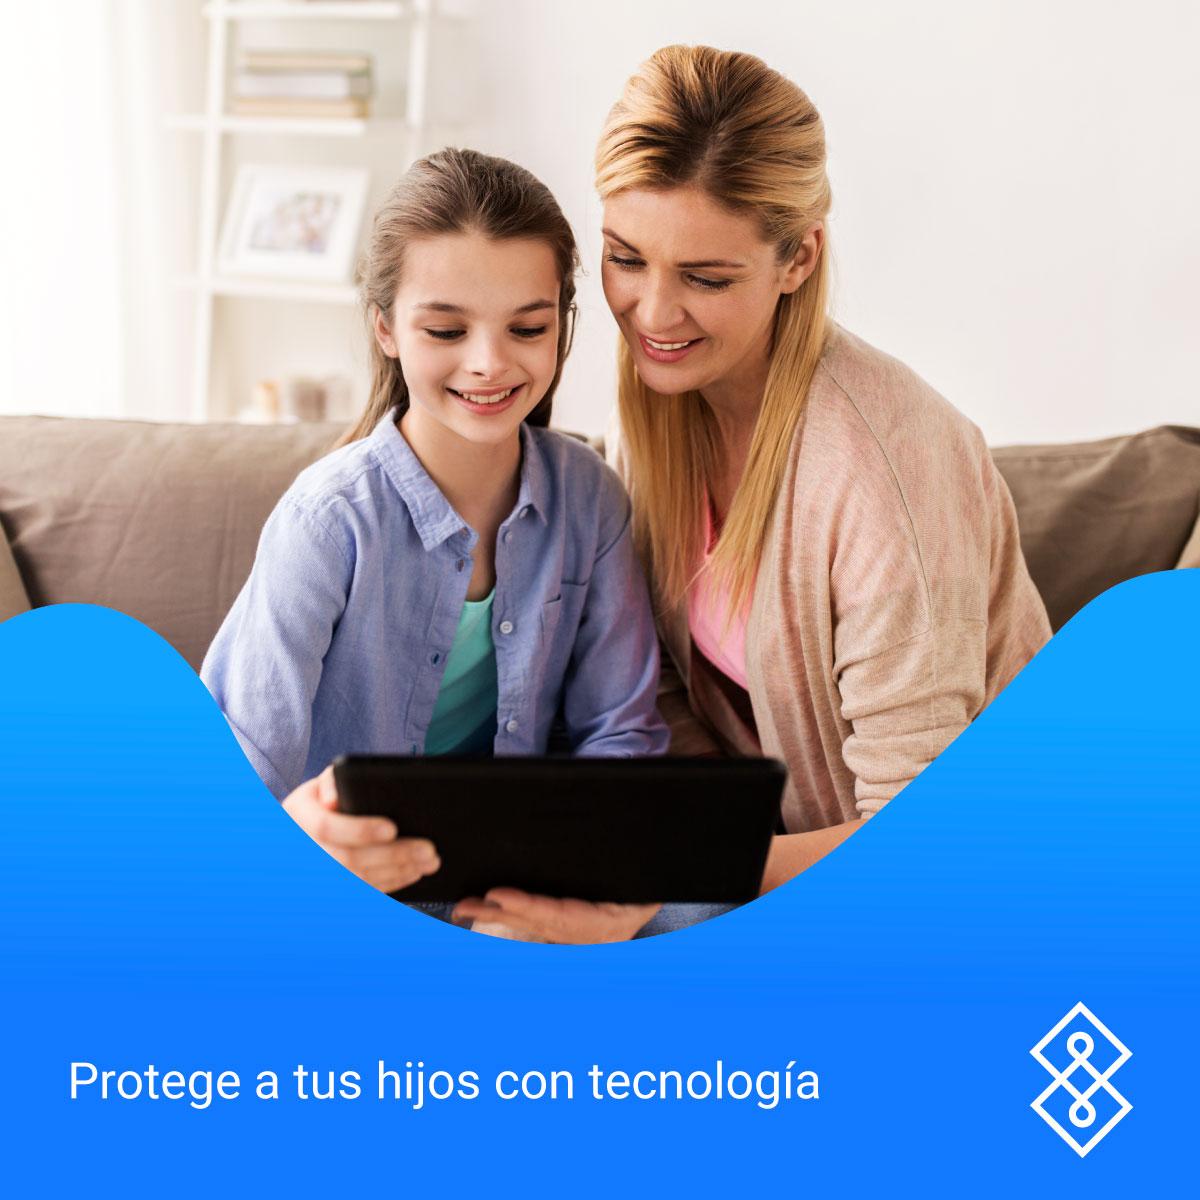 La labor de los padres es fundamental a la hora de asegurar que los menores tengan una experiencia creativa y enriquecedora.  Protege a tus niños con #UnioApp. ¡Descárgalo ahora! https://t.co/kpZvyVI2P7